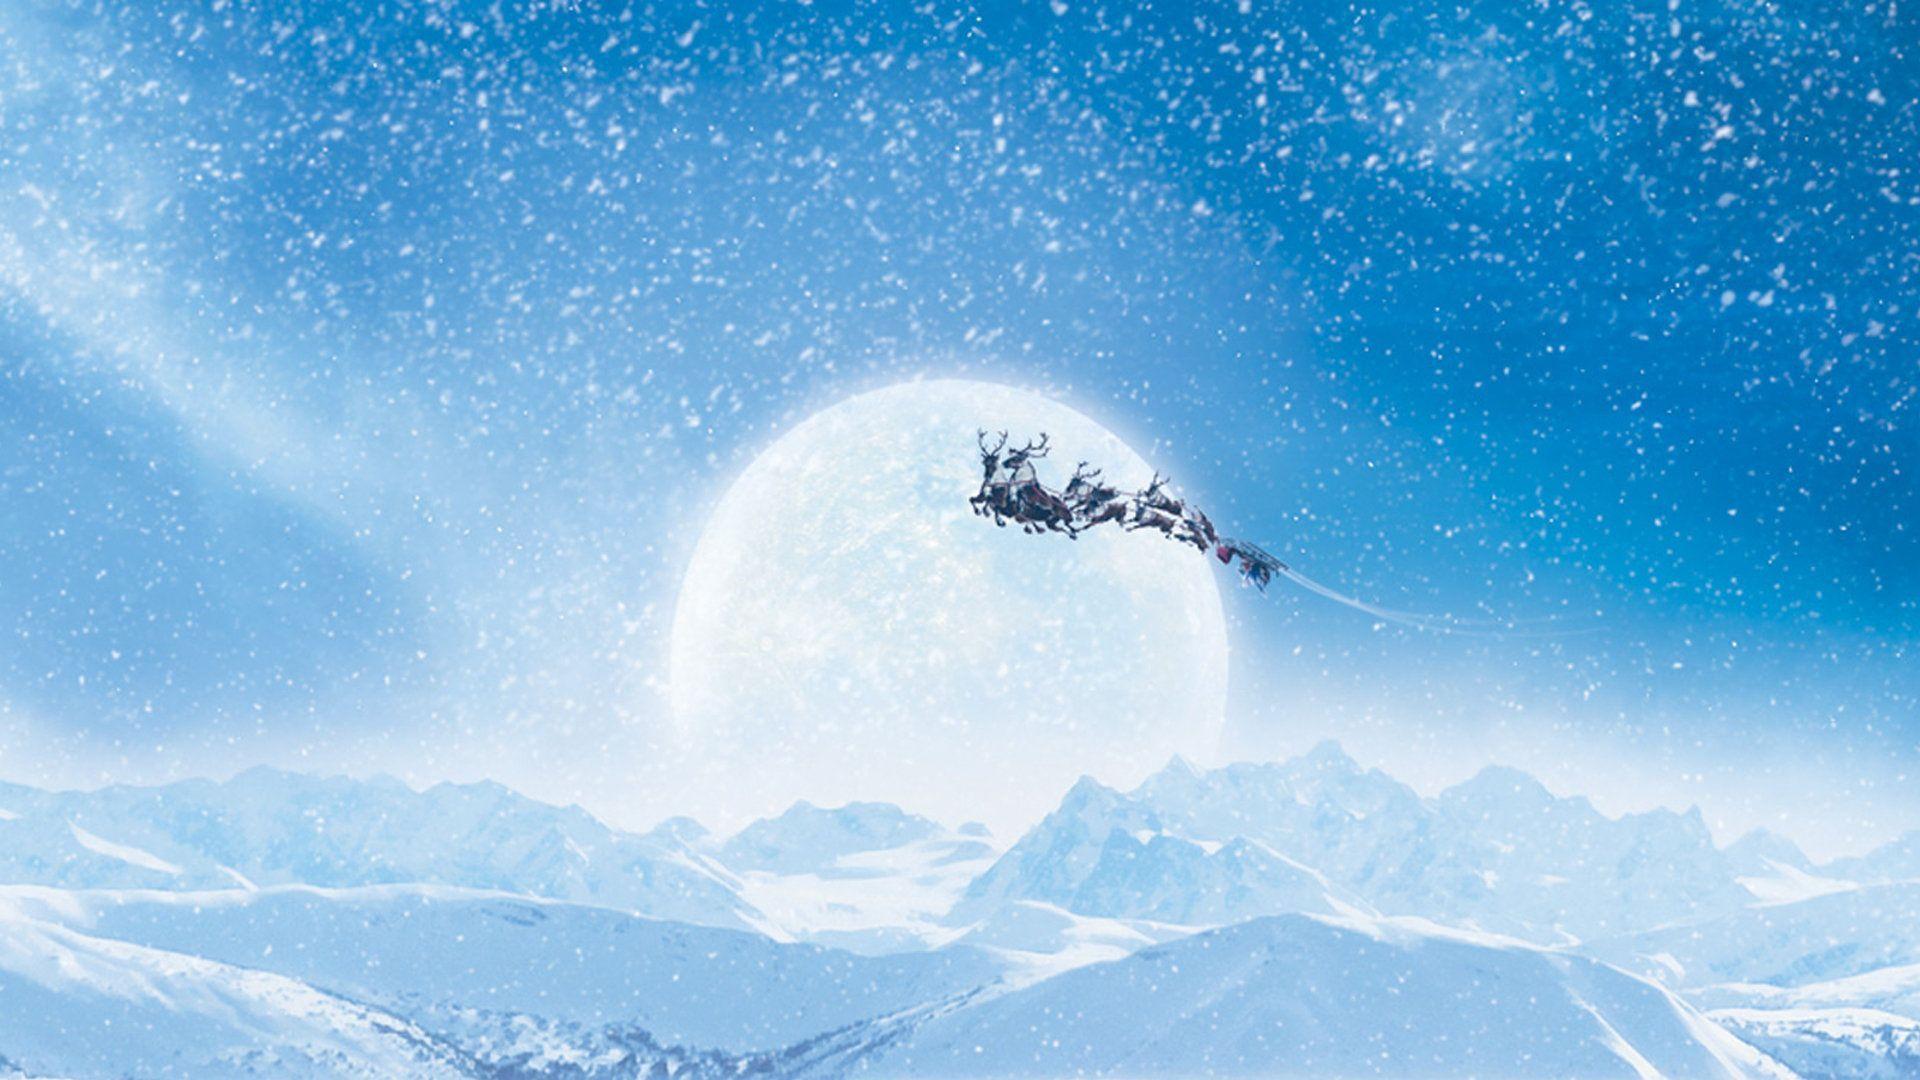 Santas Hat Holiday Christmas Abstract Hd Wallpaper 1920x1080